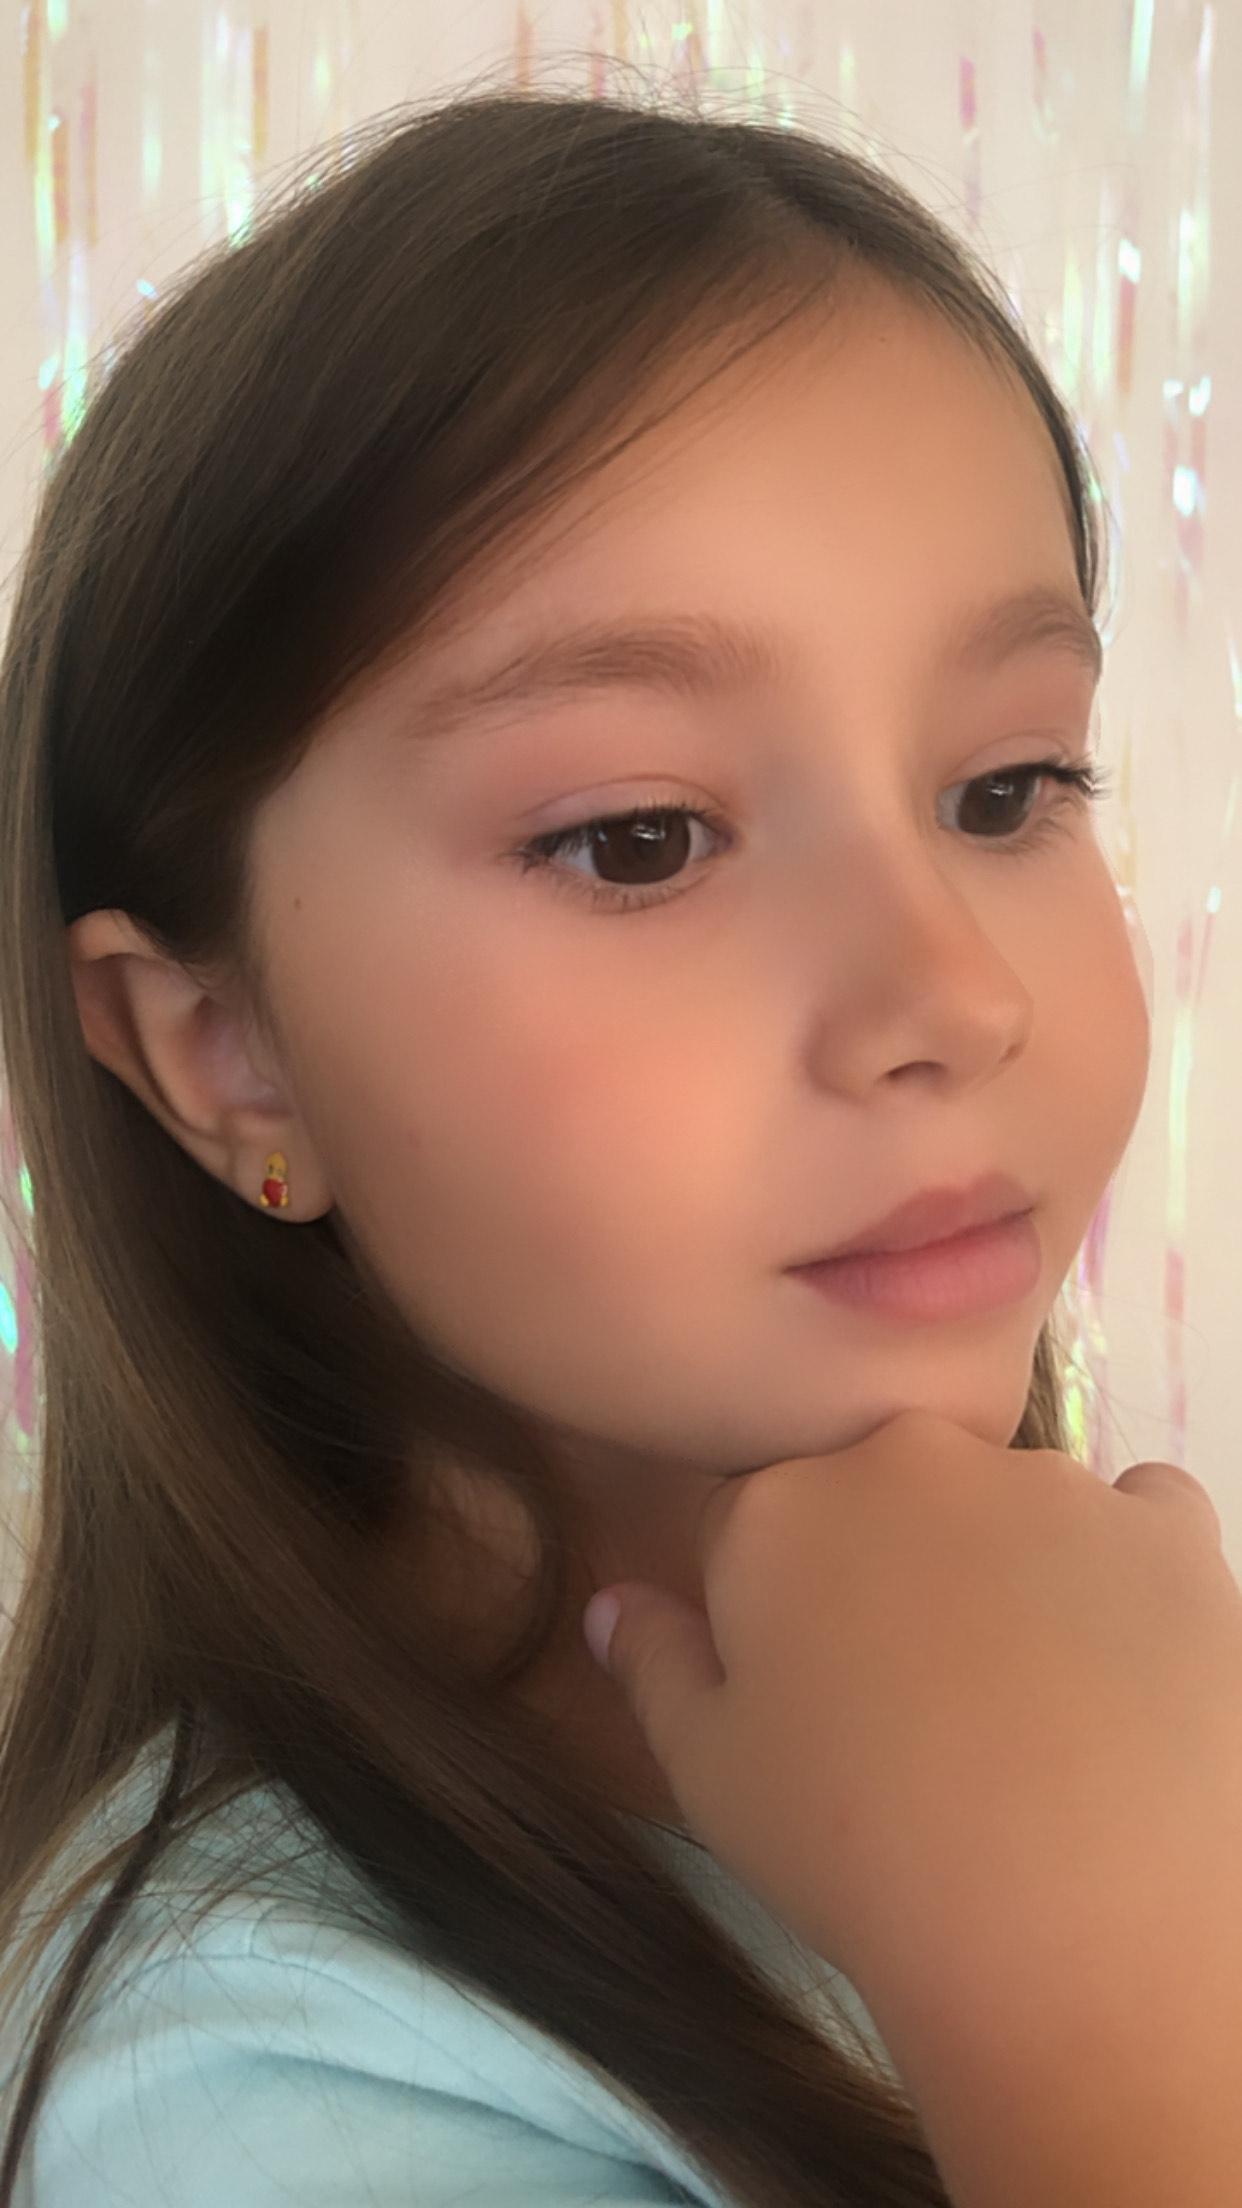 Children's Earrings